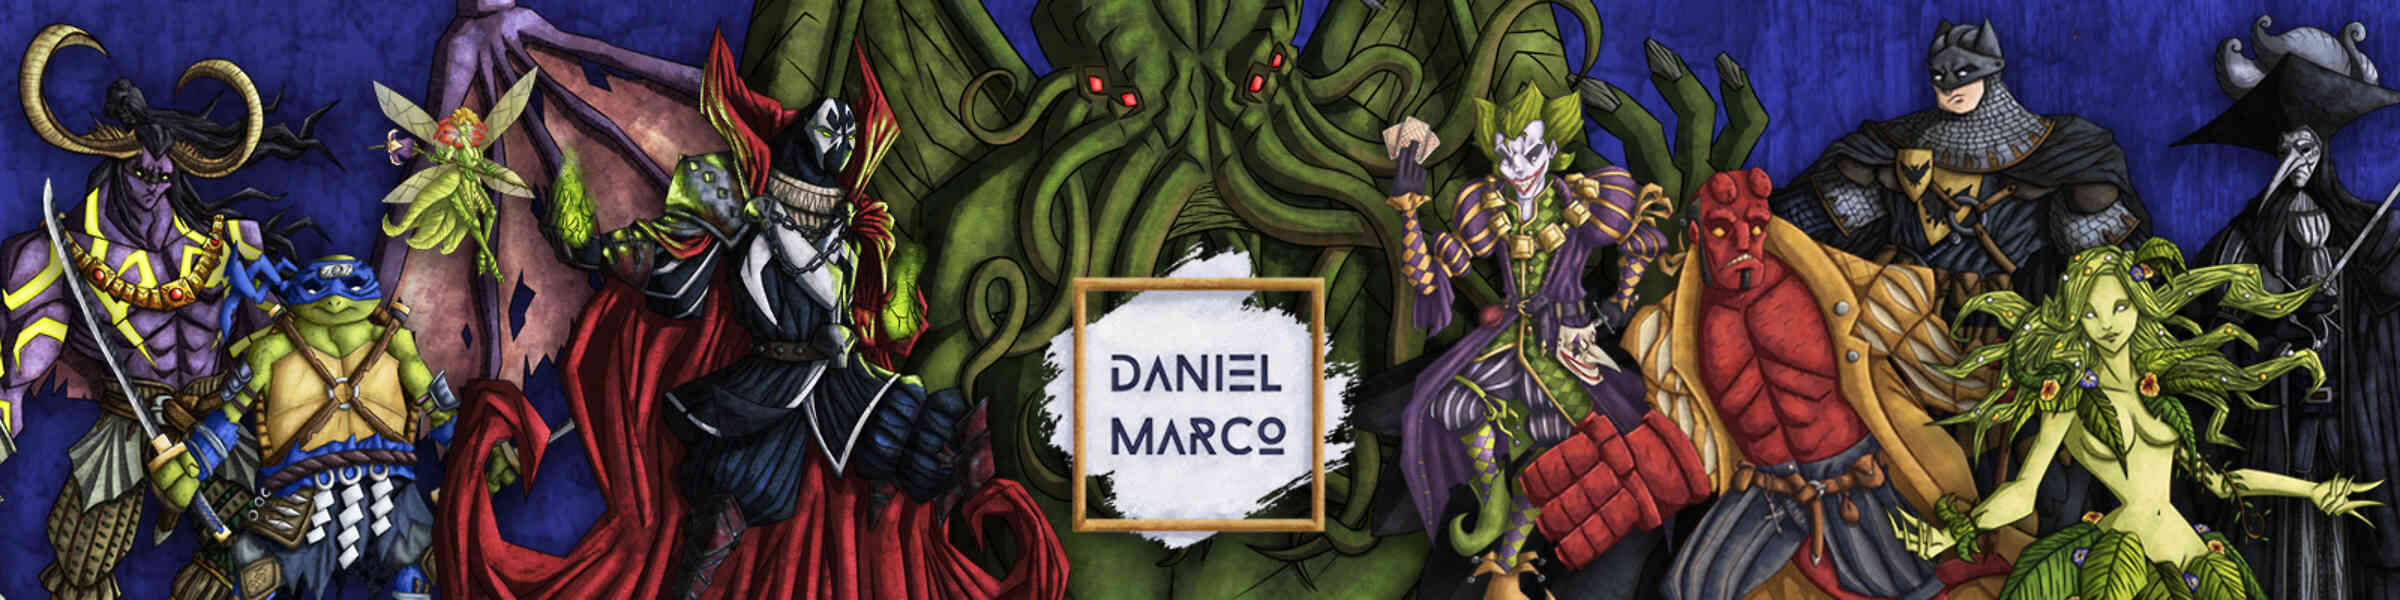 Imagen de portada de la tienda del artista